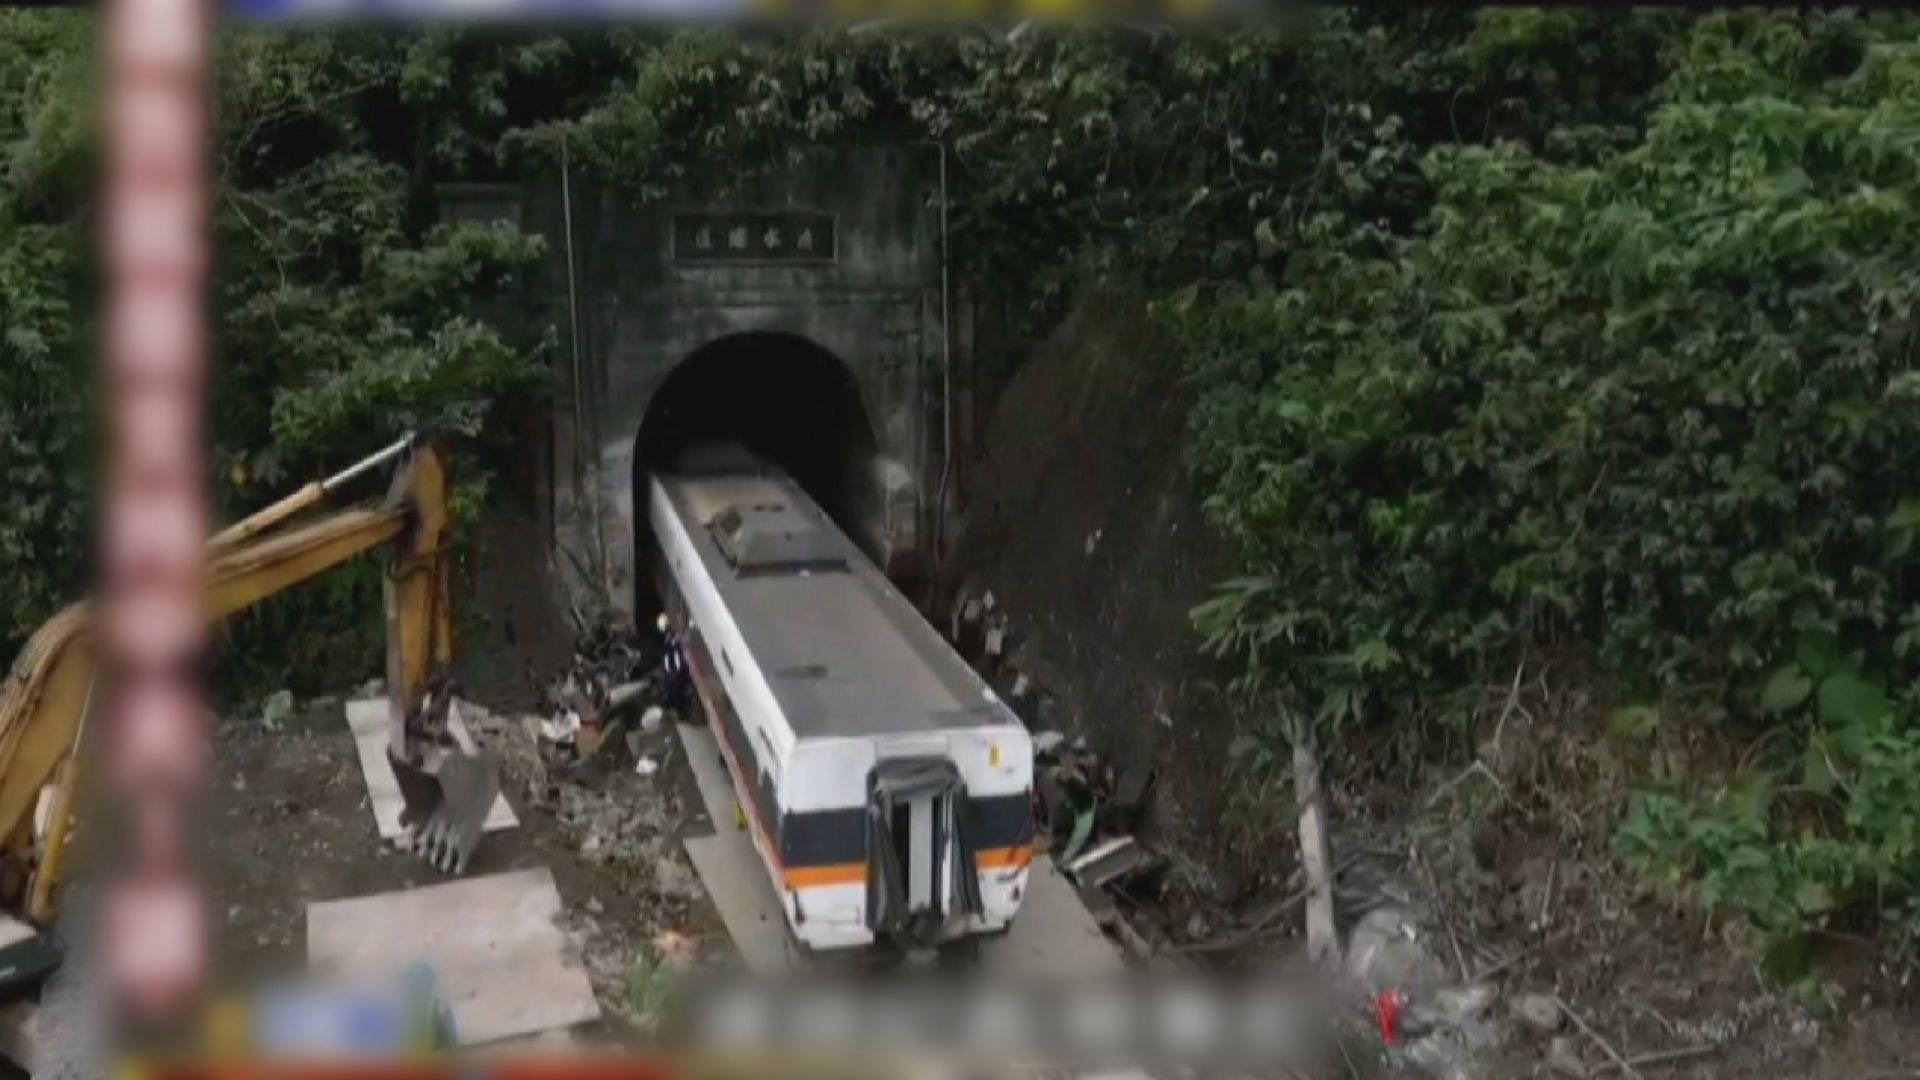 台鐵事故死亡人數修訂為50人 初步認為事發時僅七秒煞車不及